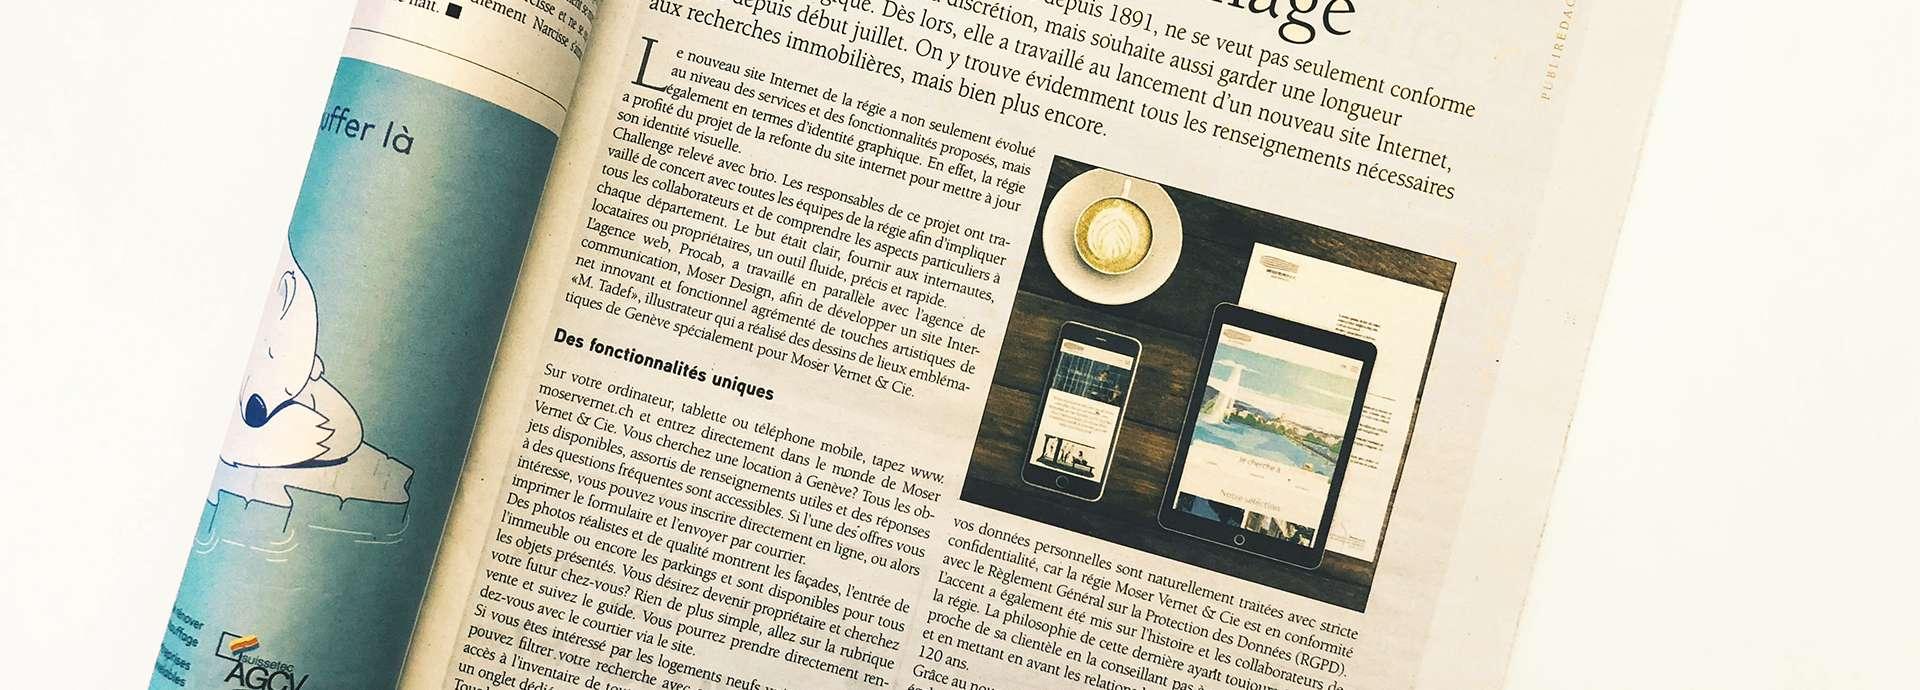 Article tout immo nouveau site internet Moser Vernet et Cie SA